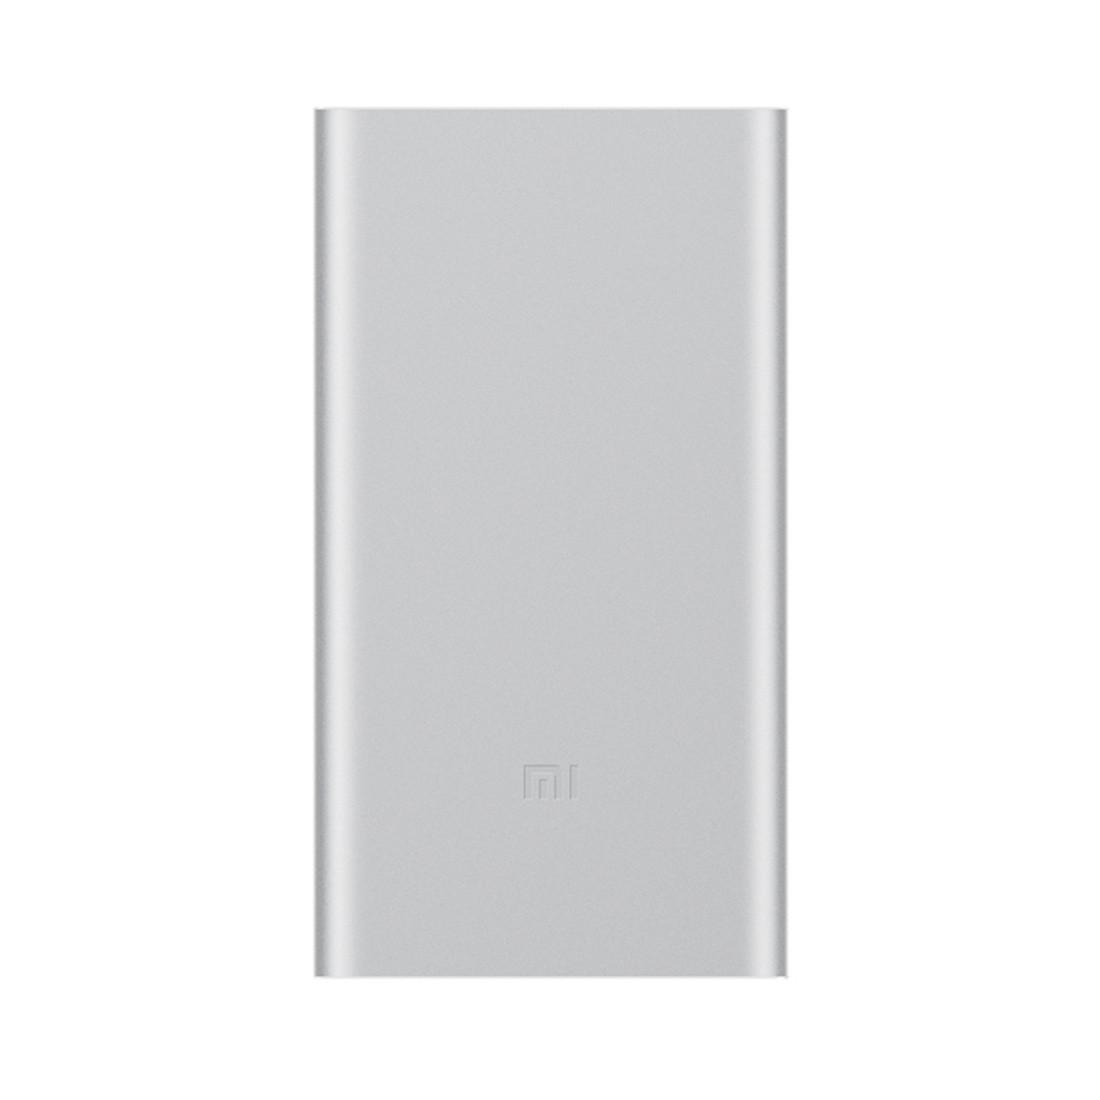 Портативное зарядное устройство, Xiaomi, Mi Power Bank VXN4190CN/VXN4159CN 10000 mAh Pro (Suite Vers